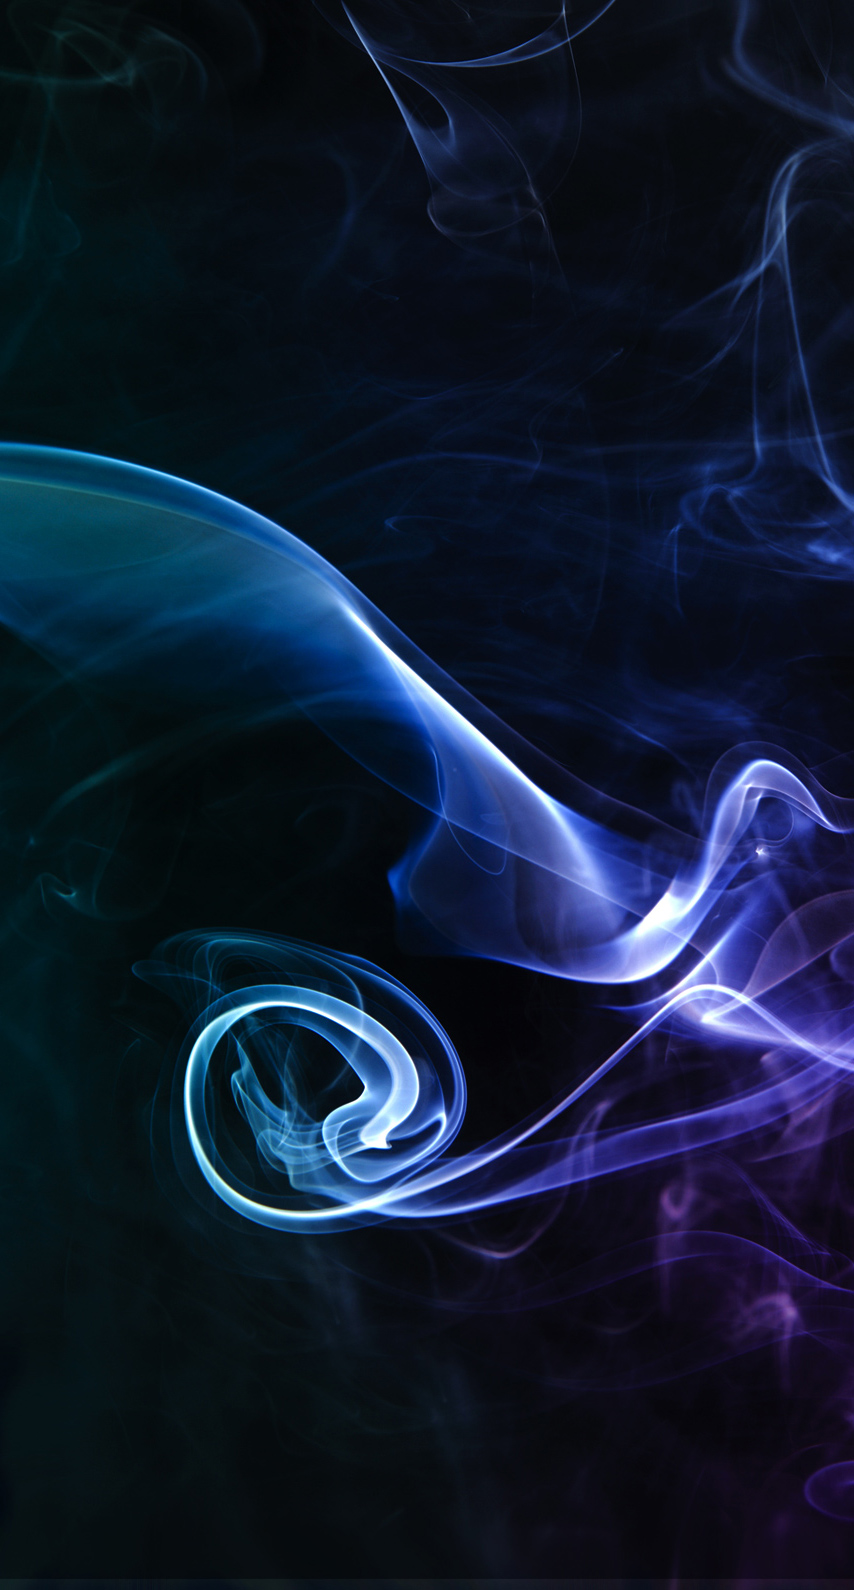 design, background, insubstantial, motion, desktop, shape, flame, color, curve, smooth